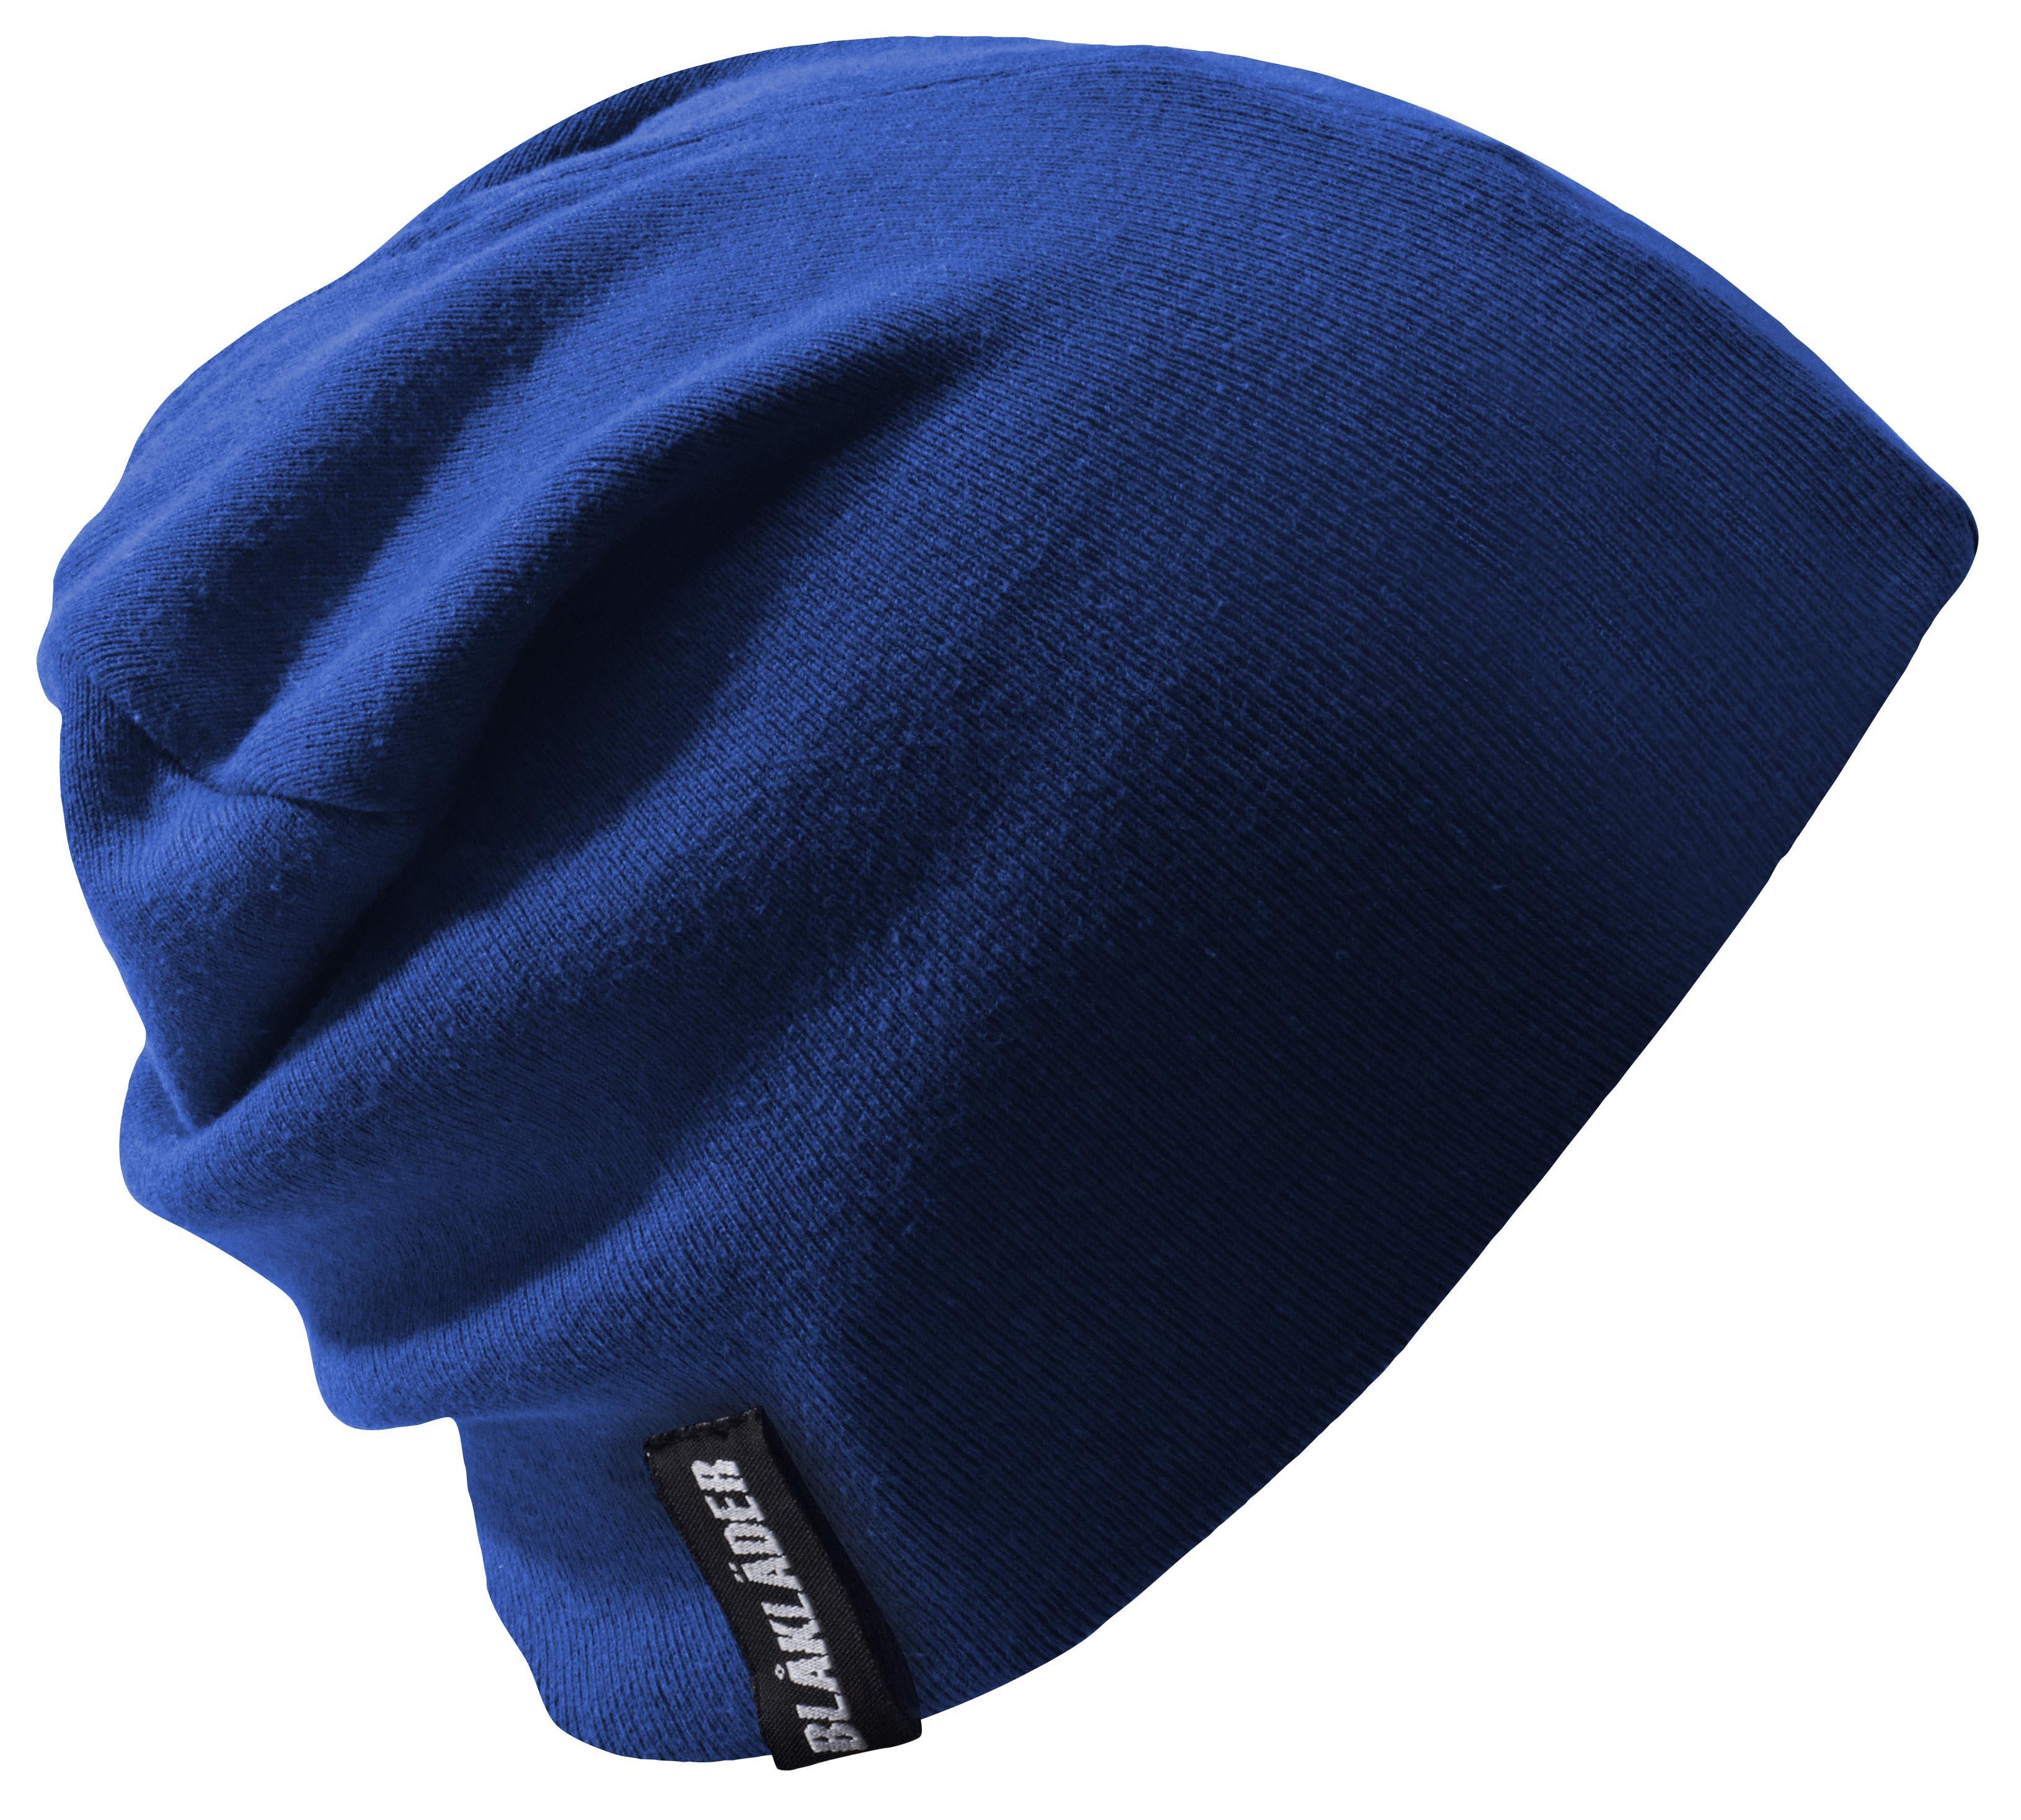 blaklader bonnet tricot limited distriartisan. Black Bedroom Furniture Sets. Home Design Ideas